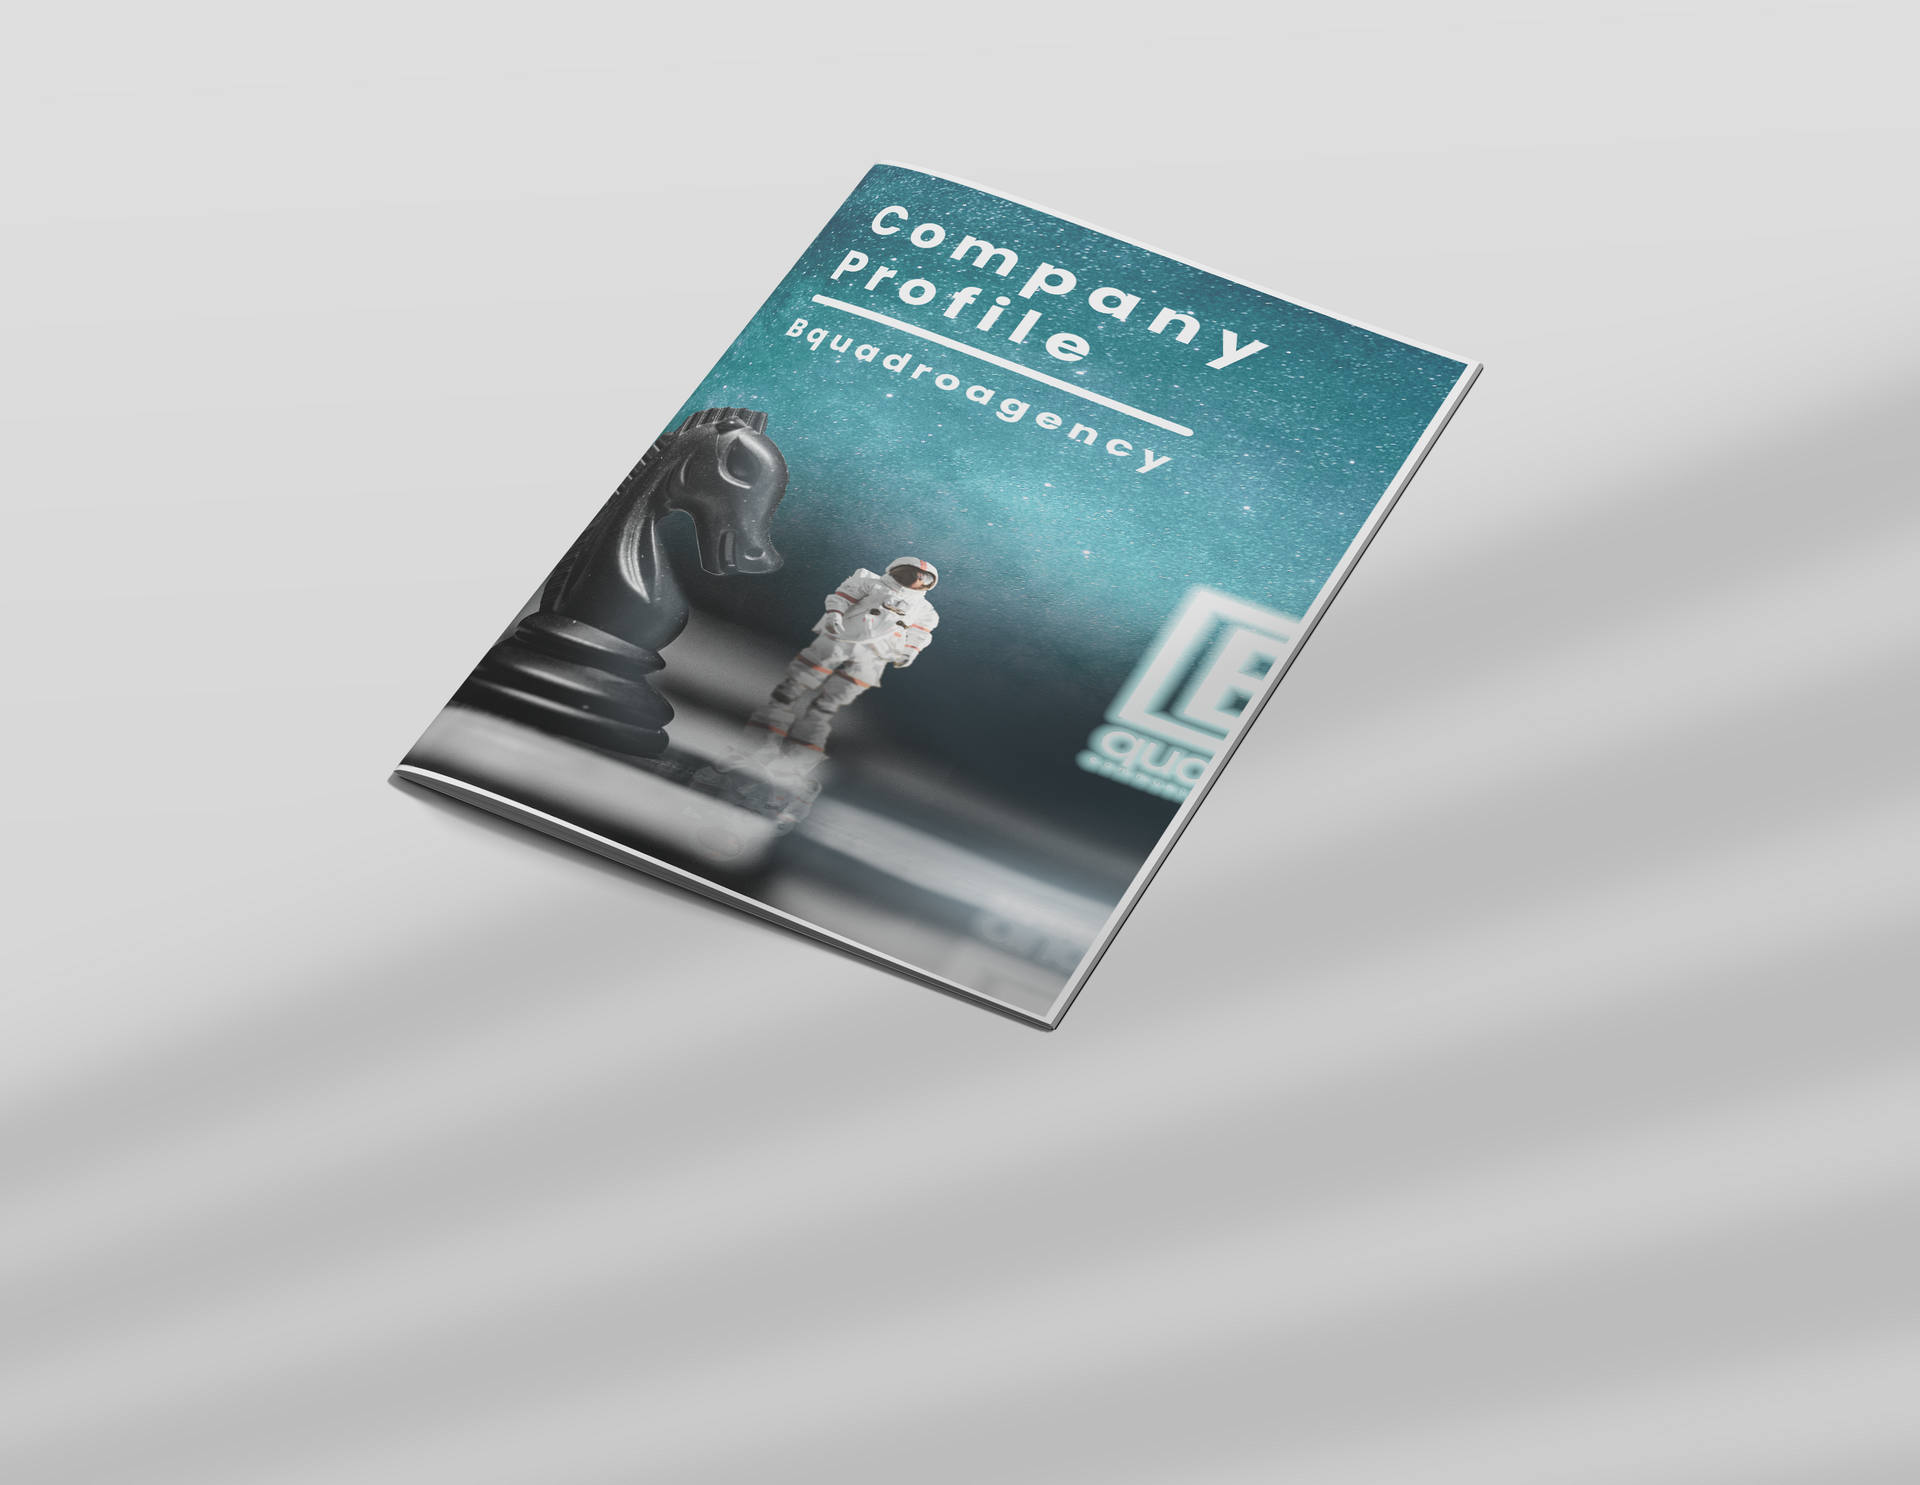 realizzazione-company-profile-professionale-per-aziende-by-bquadro-agency-agenzia-di-comunicazione-e-marketing-brescia